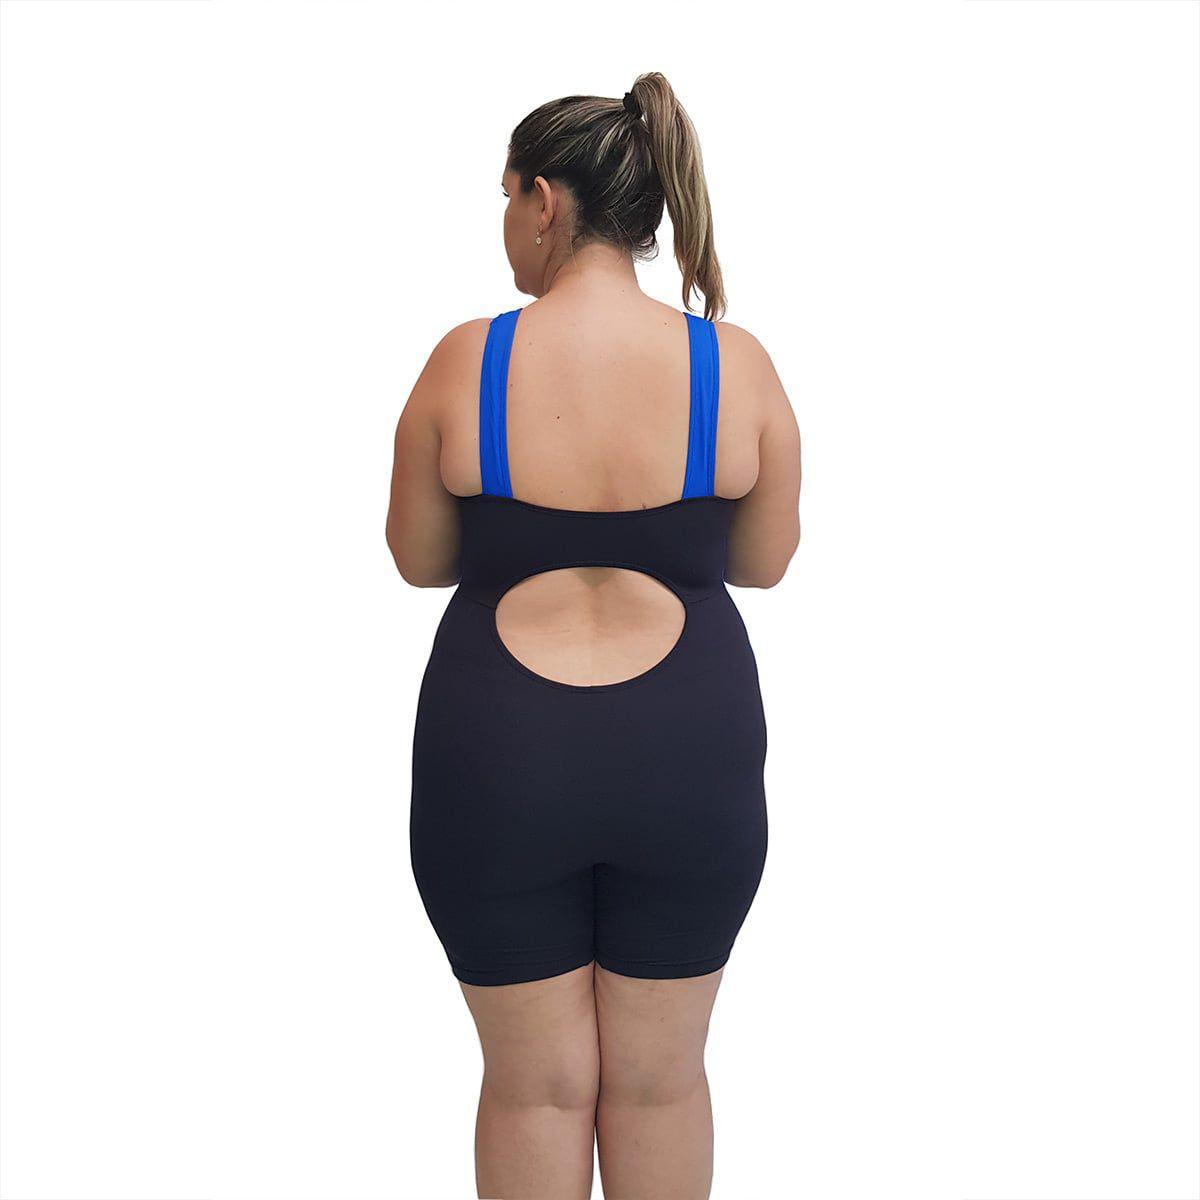 Macaquinho Natação Light Plus Size Preto com Azul Bic